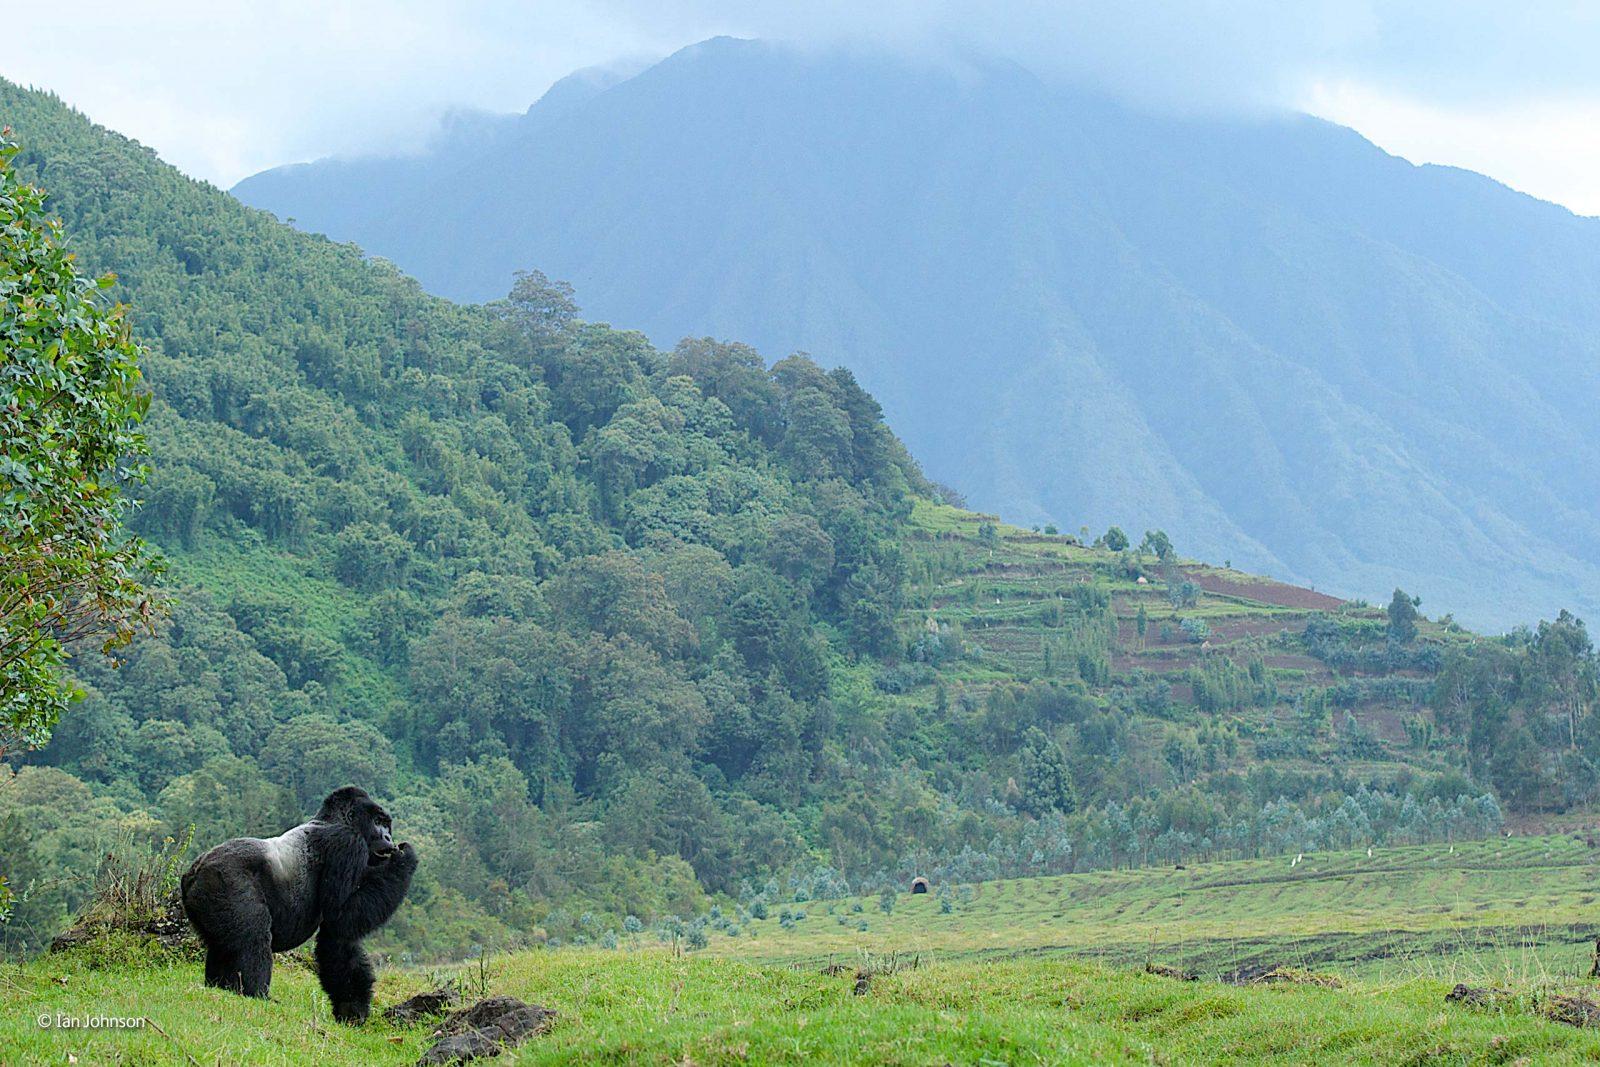 Mountain gorilla photography award